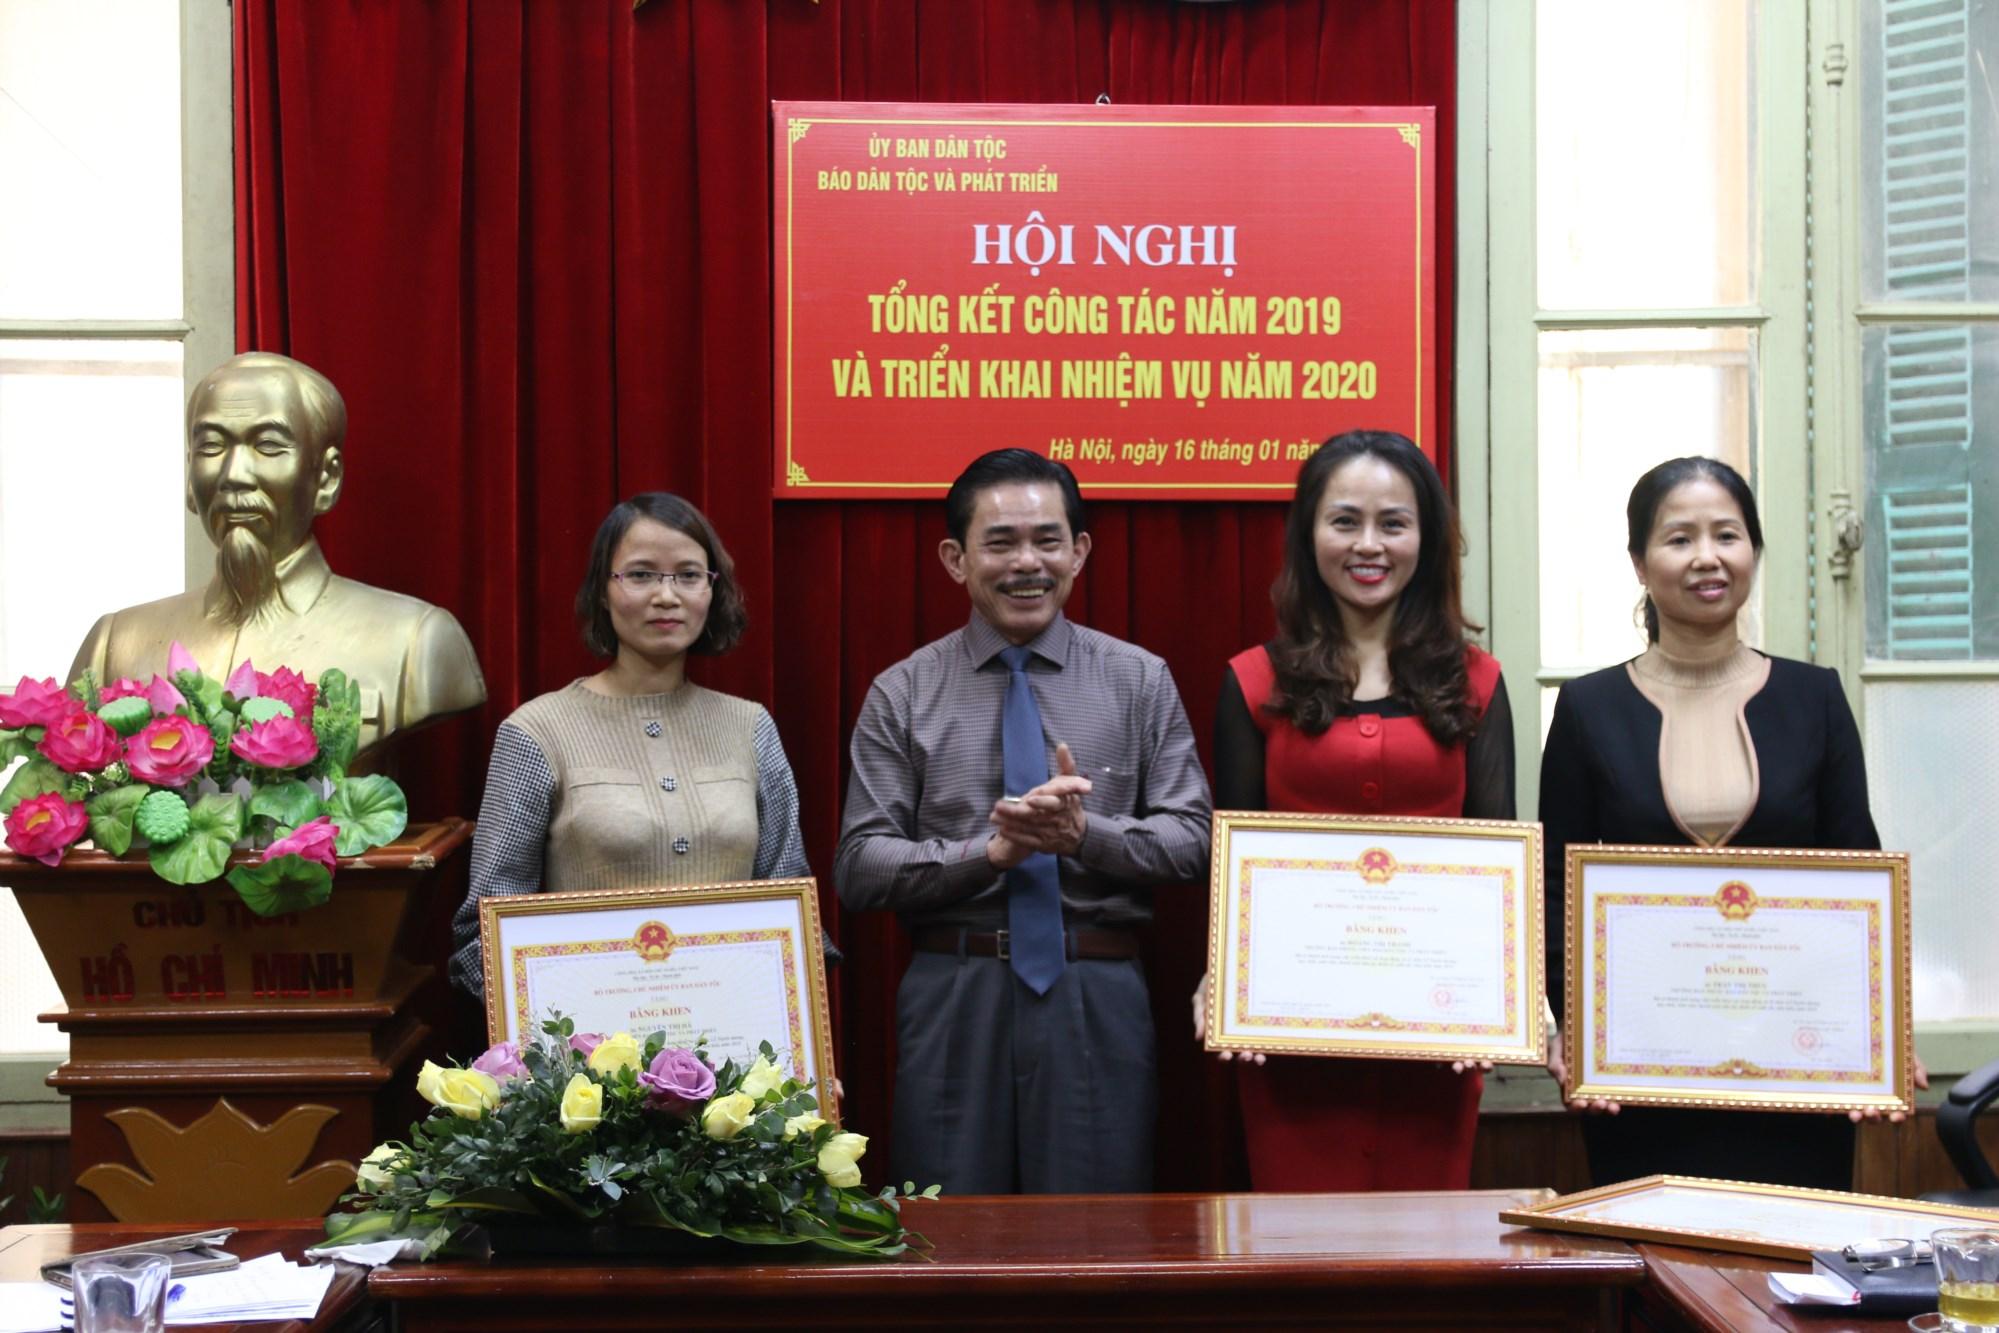 Phó Tổng Biên tập - Phụ trách Lê Công Bình trao tặng Bằng khen của Bộ trưởng, Chủ nhiệm UBDT cho các cá nhân có những đóng góp tích cực trong Lễ Tuyên dương HSSVTN DTTS xuất sắc, tiêu biểu năm 2019